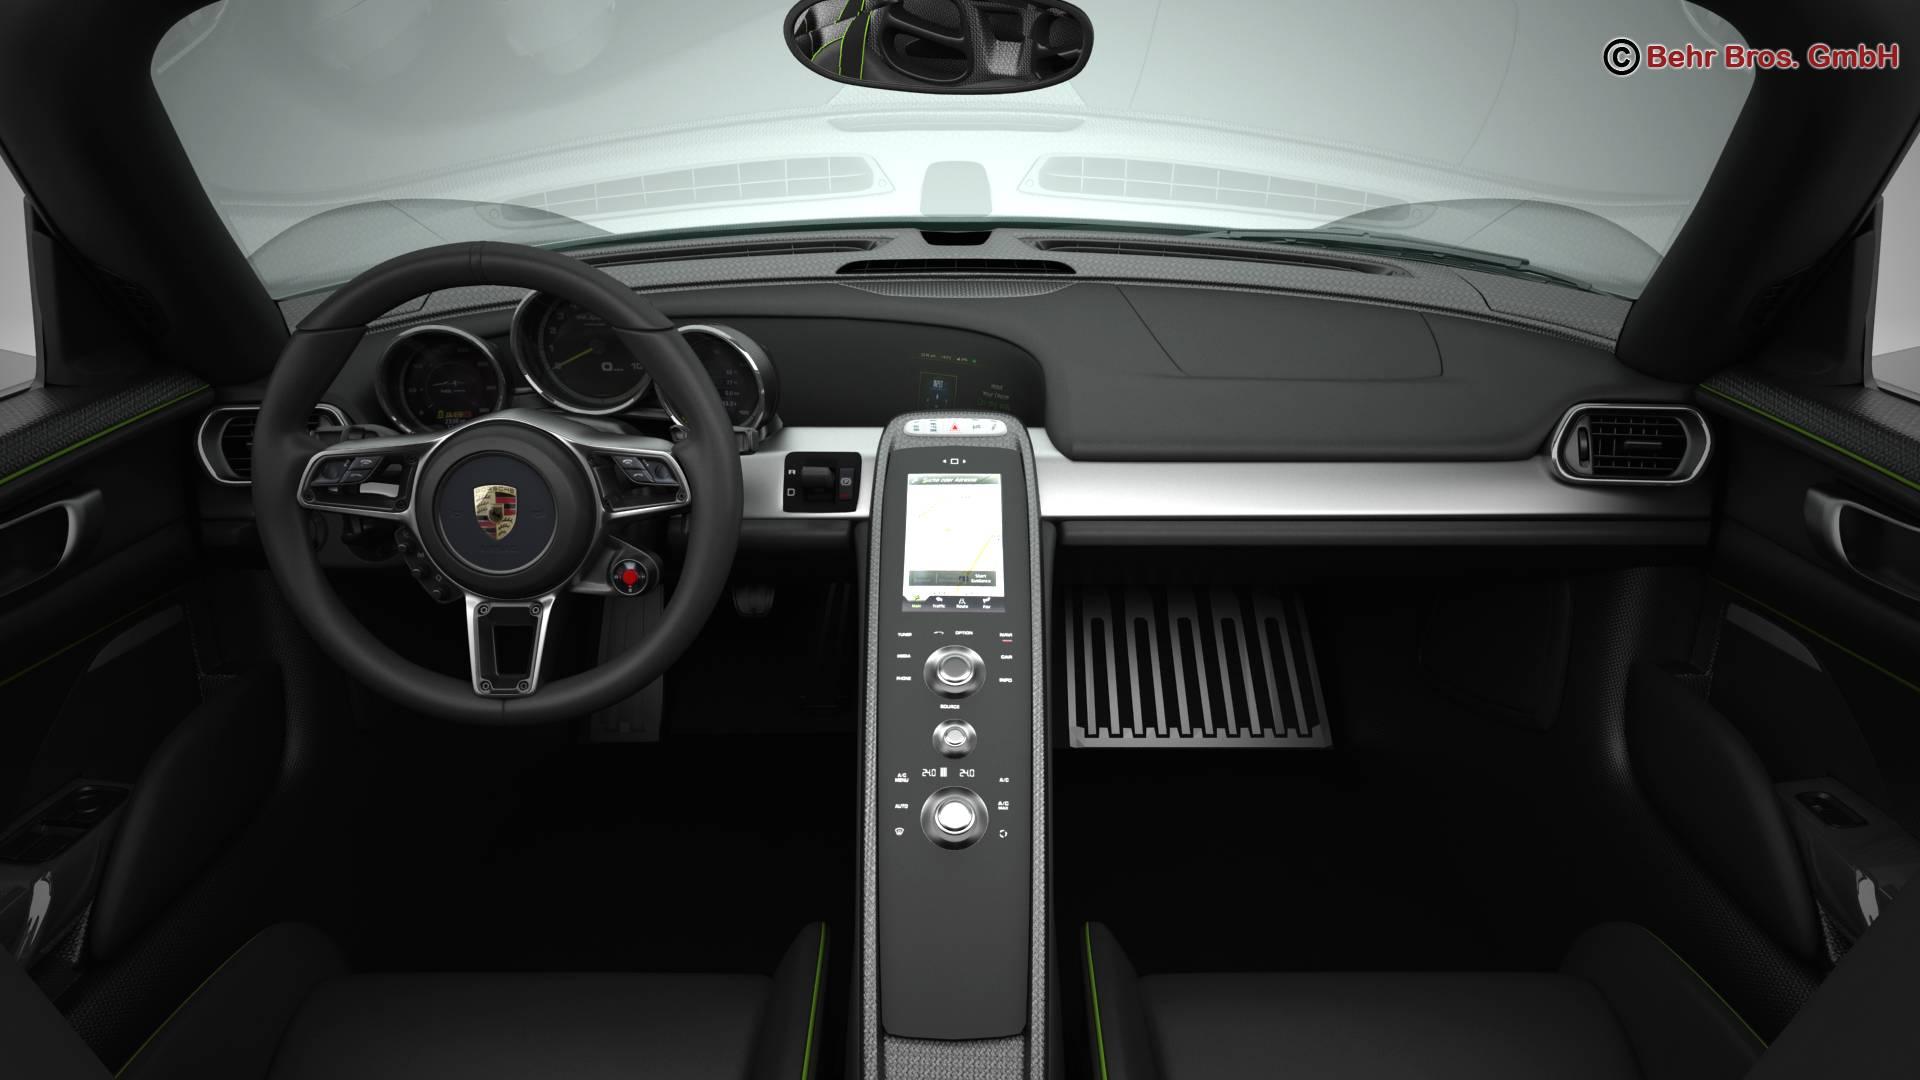 porsche 918 spyder with detachable roof 3d model 3ds max fbx c4d lwo ma mb obj 209348